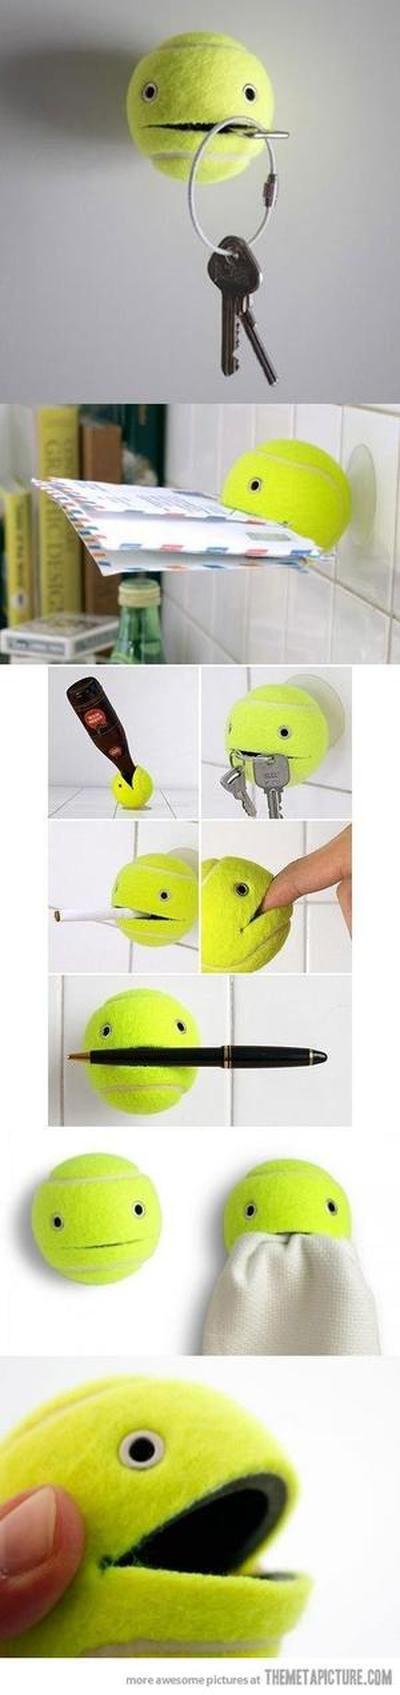 Tennisbal leuk idee